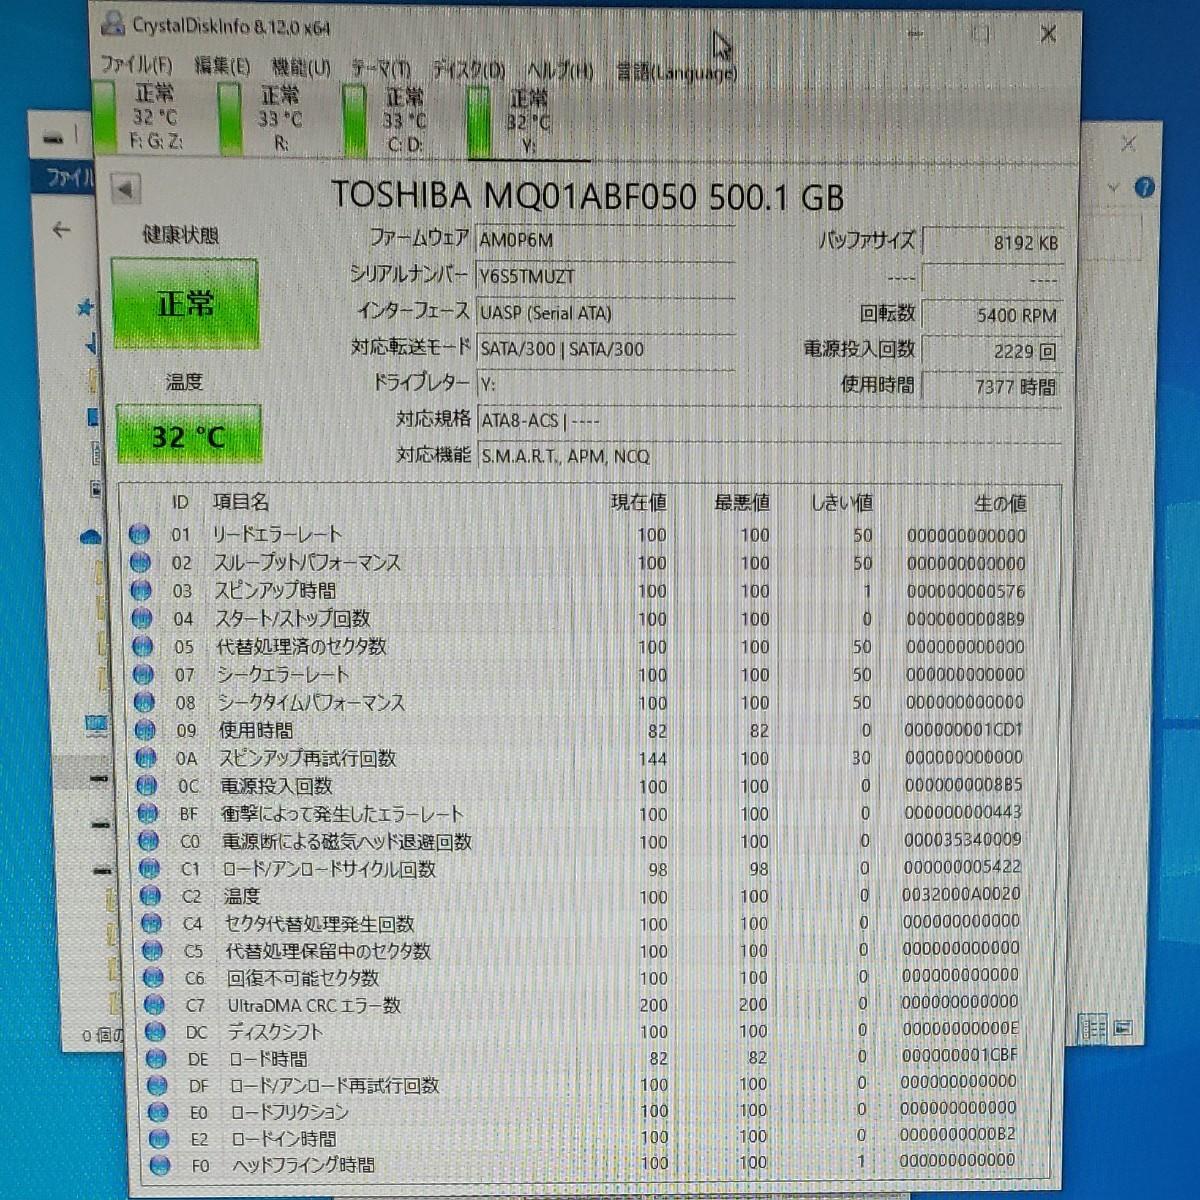 ポータブル HDD  500GB  USB3.0対応